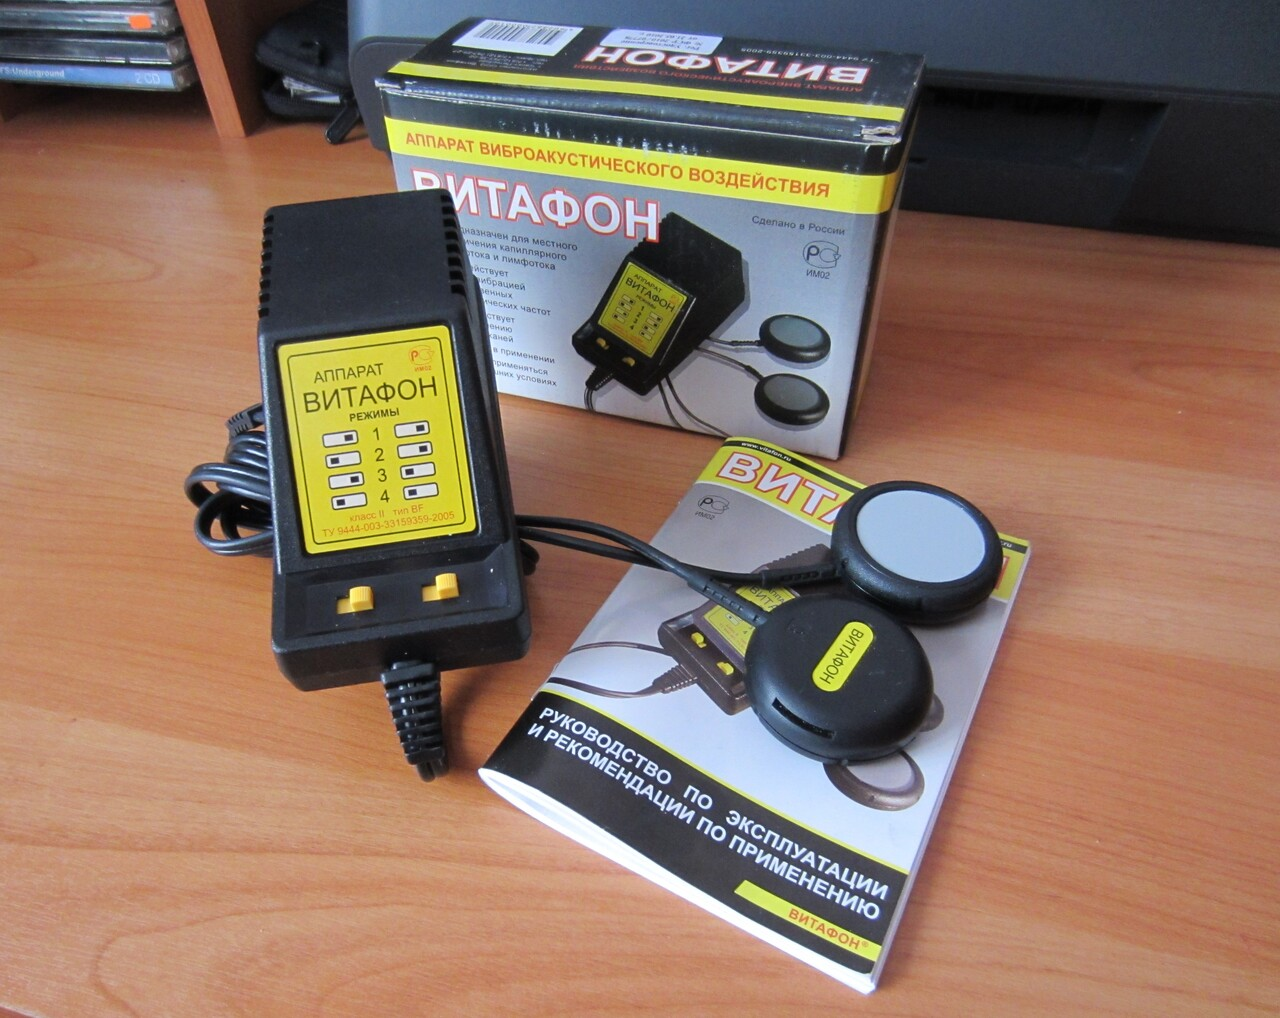 Лечение Витафоном: польза и вред аппарата для фонирования ...